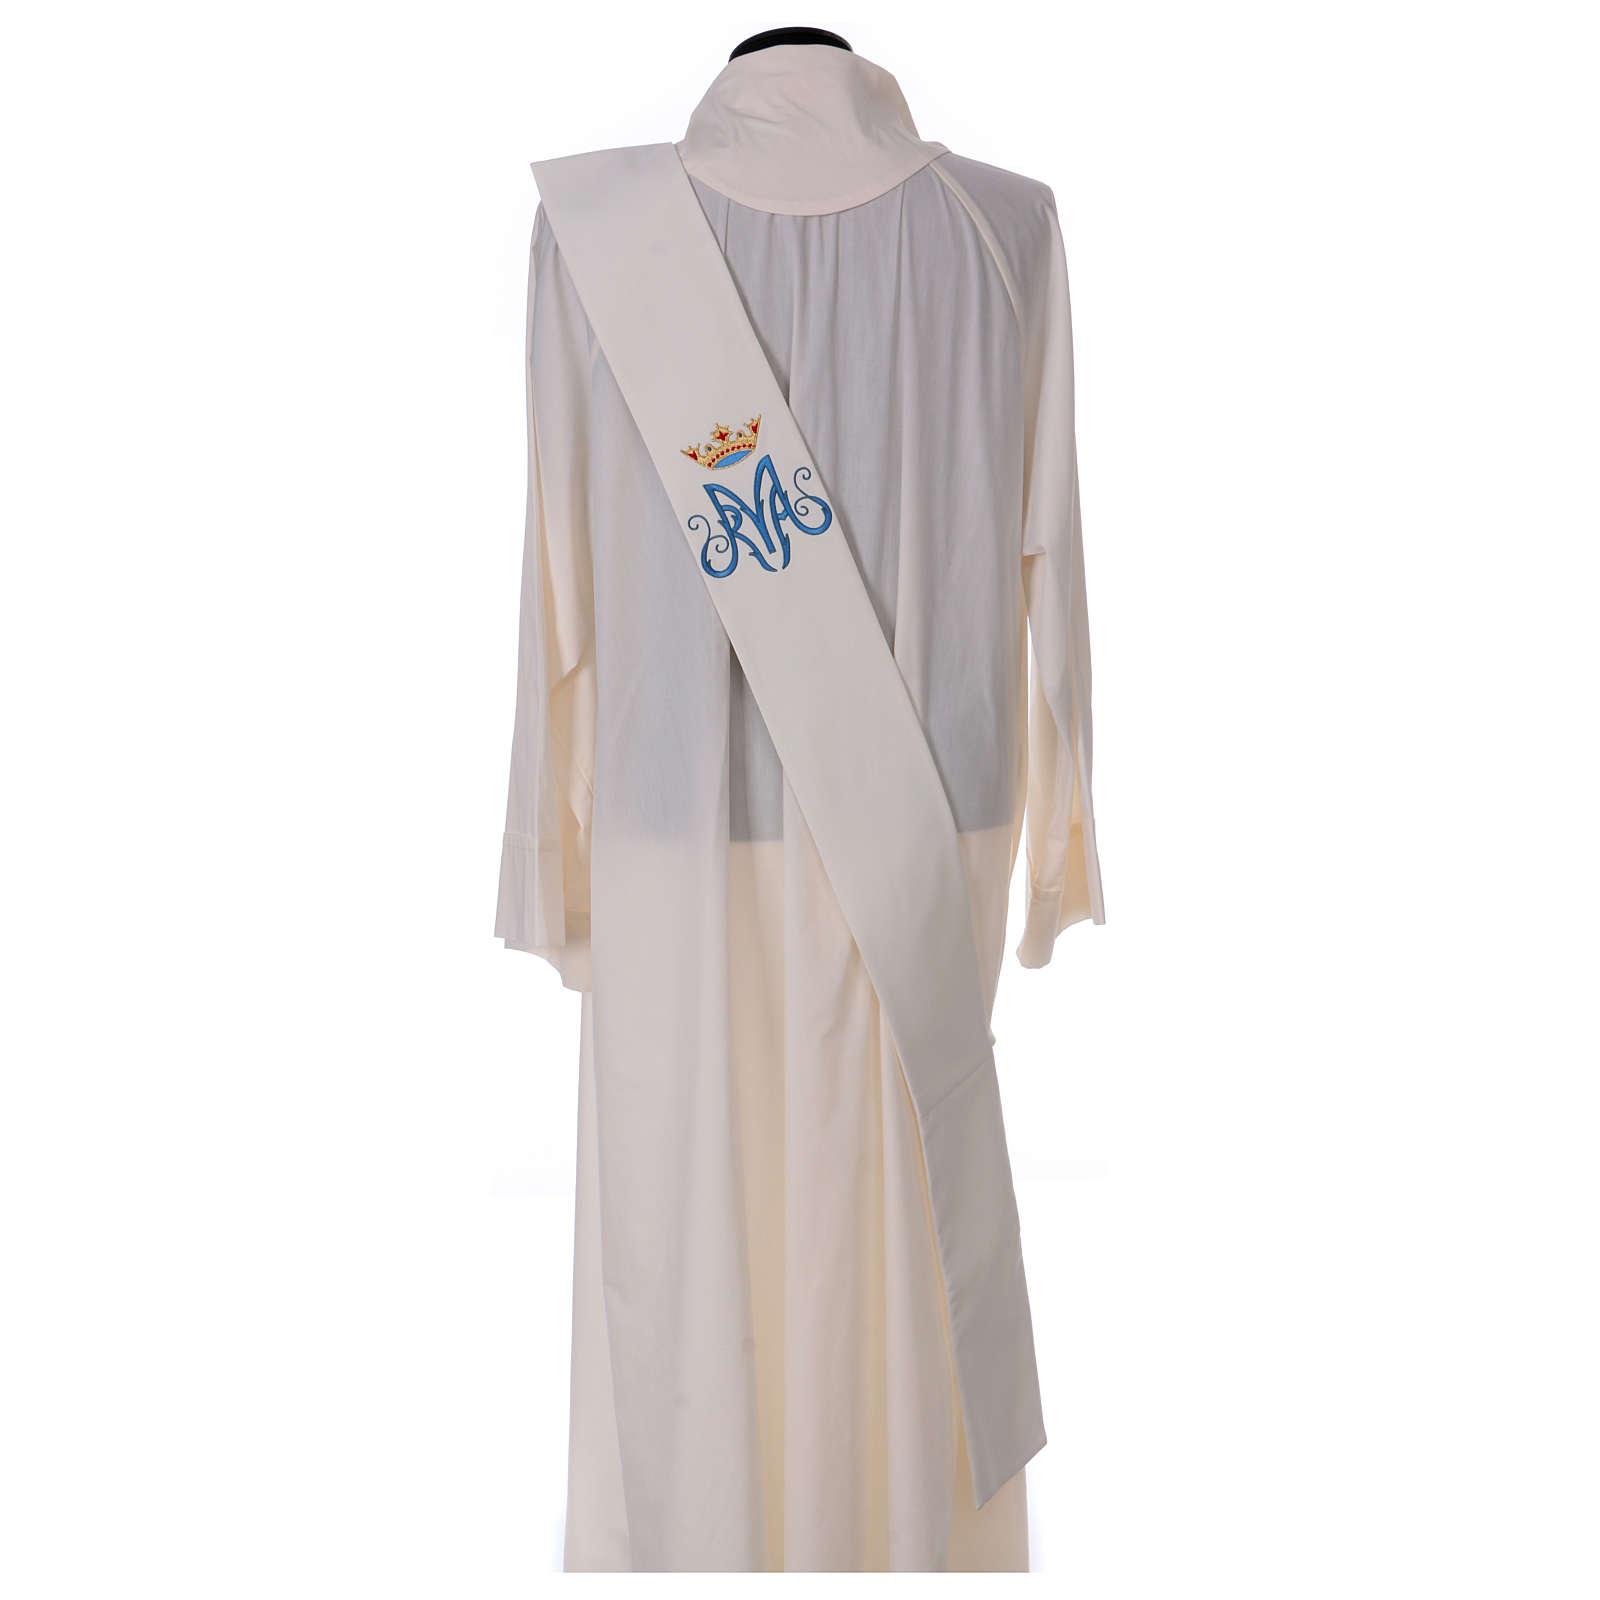 Étole diaconale ivoire symbole marial avec couronne 80% polyester 20% laine 4